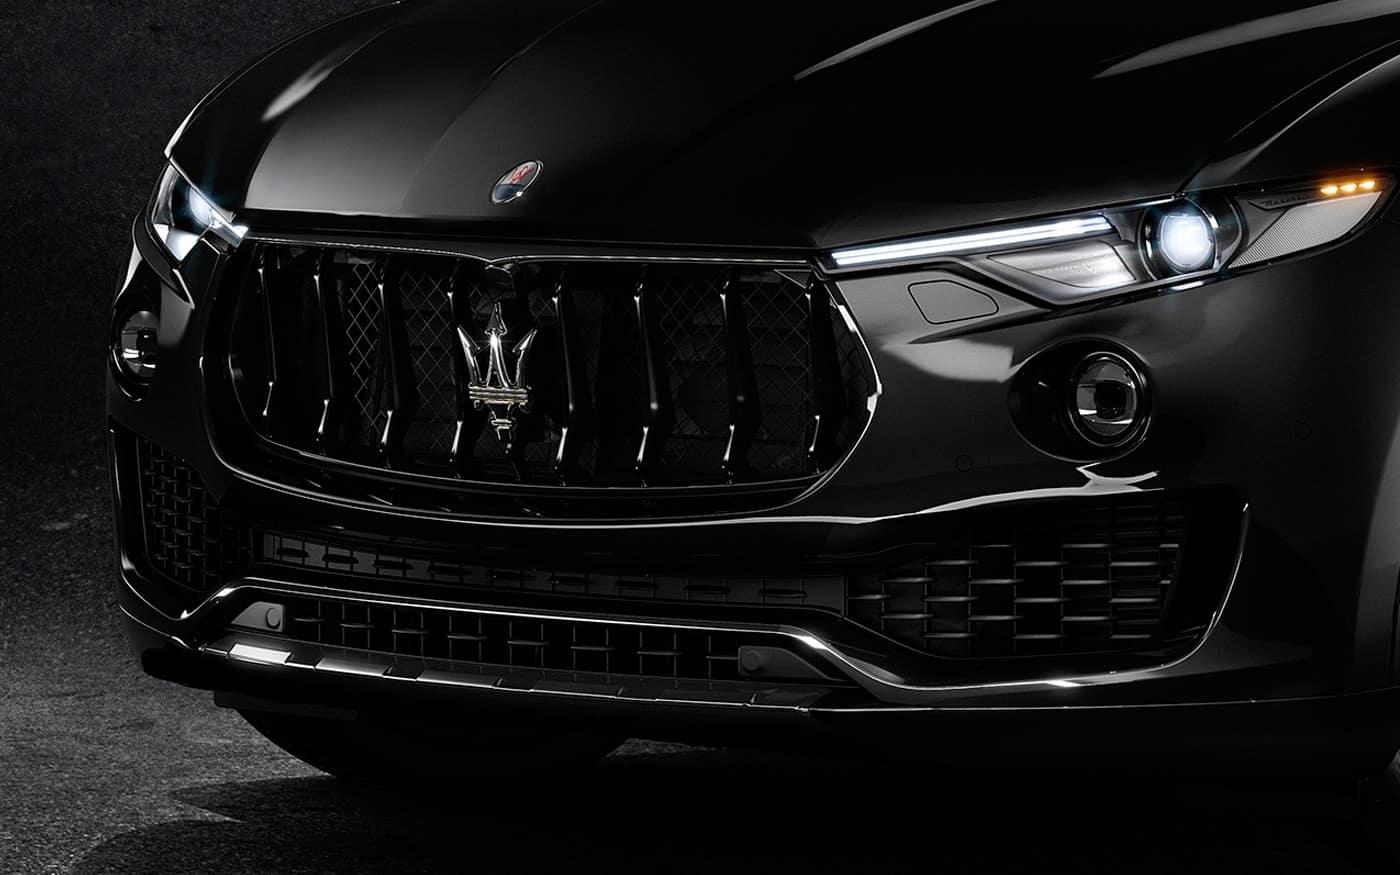 New 2021 Maserati Levante for Sale in Tysons Corner